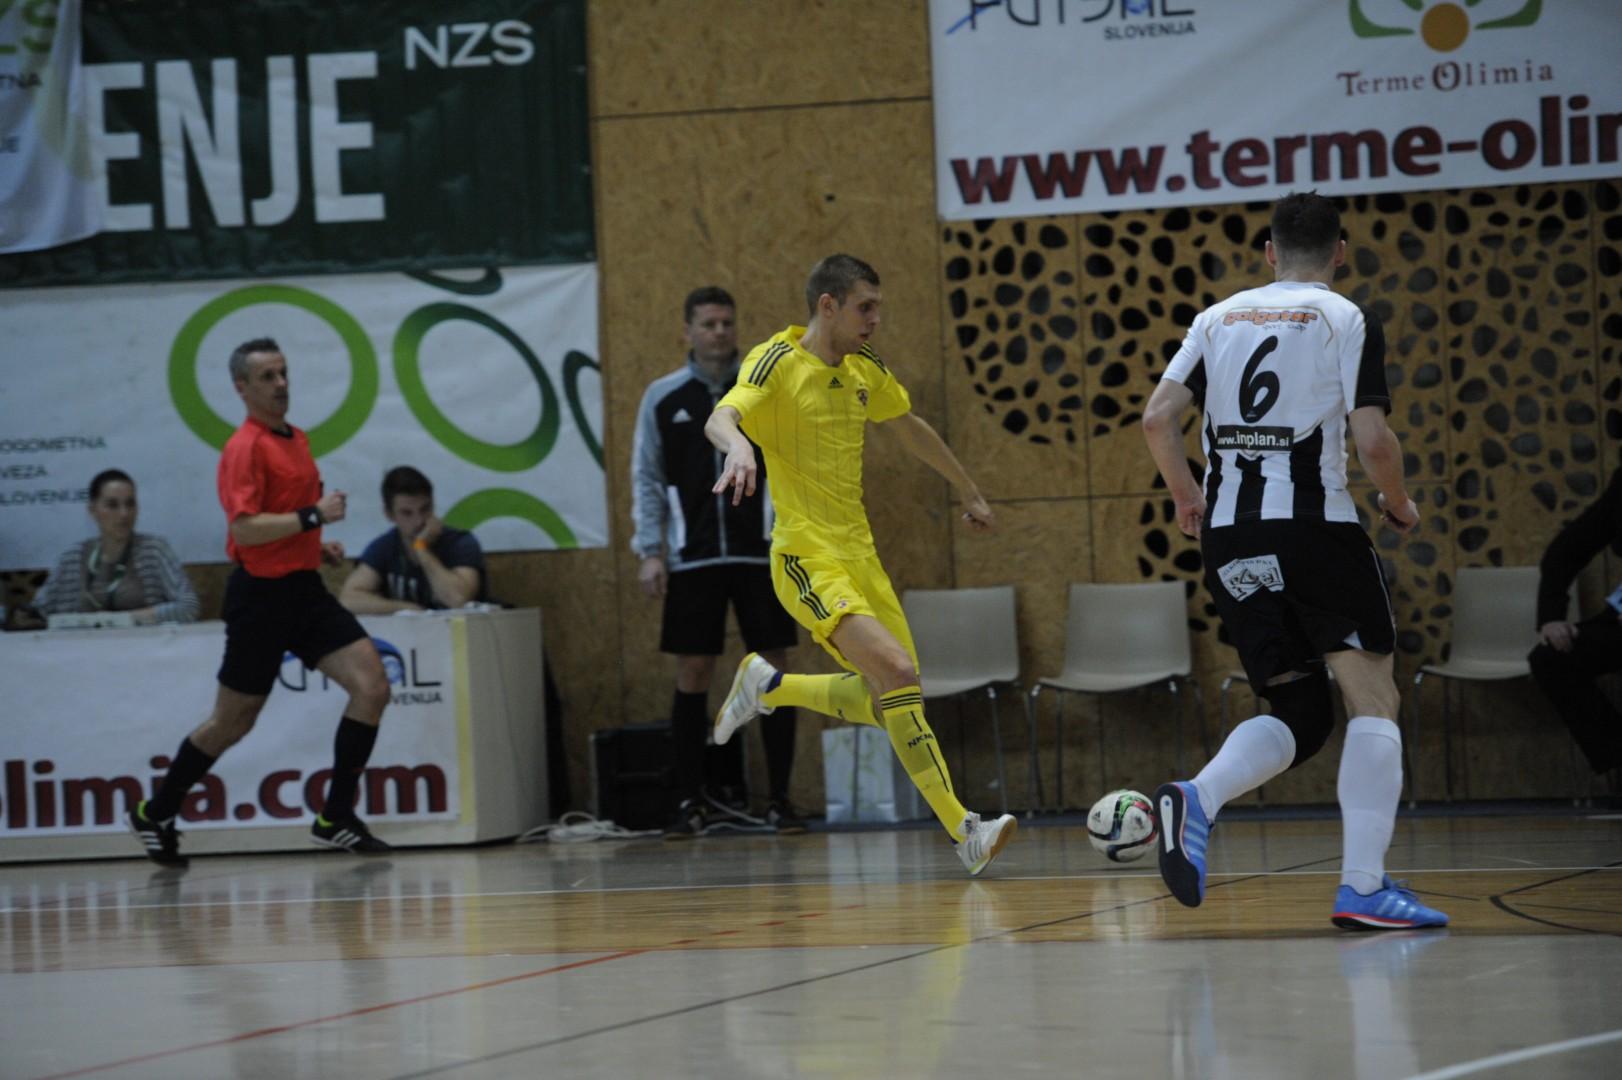 Čeprav je trenutno član Maribora, mu srce bije za zeleno-belo barvo (foto: Drago Perko/futsal.si)